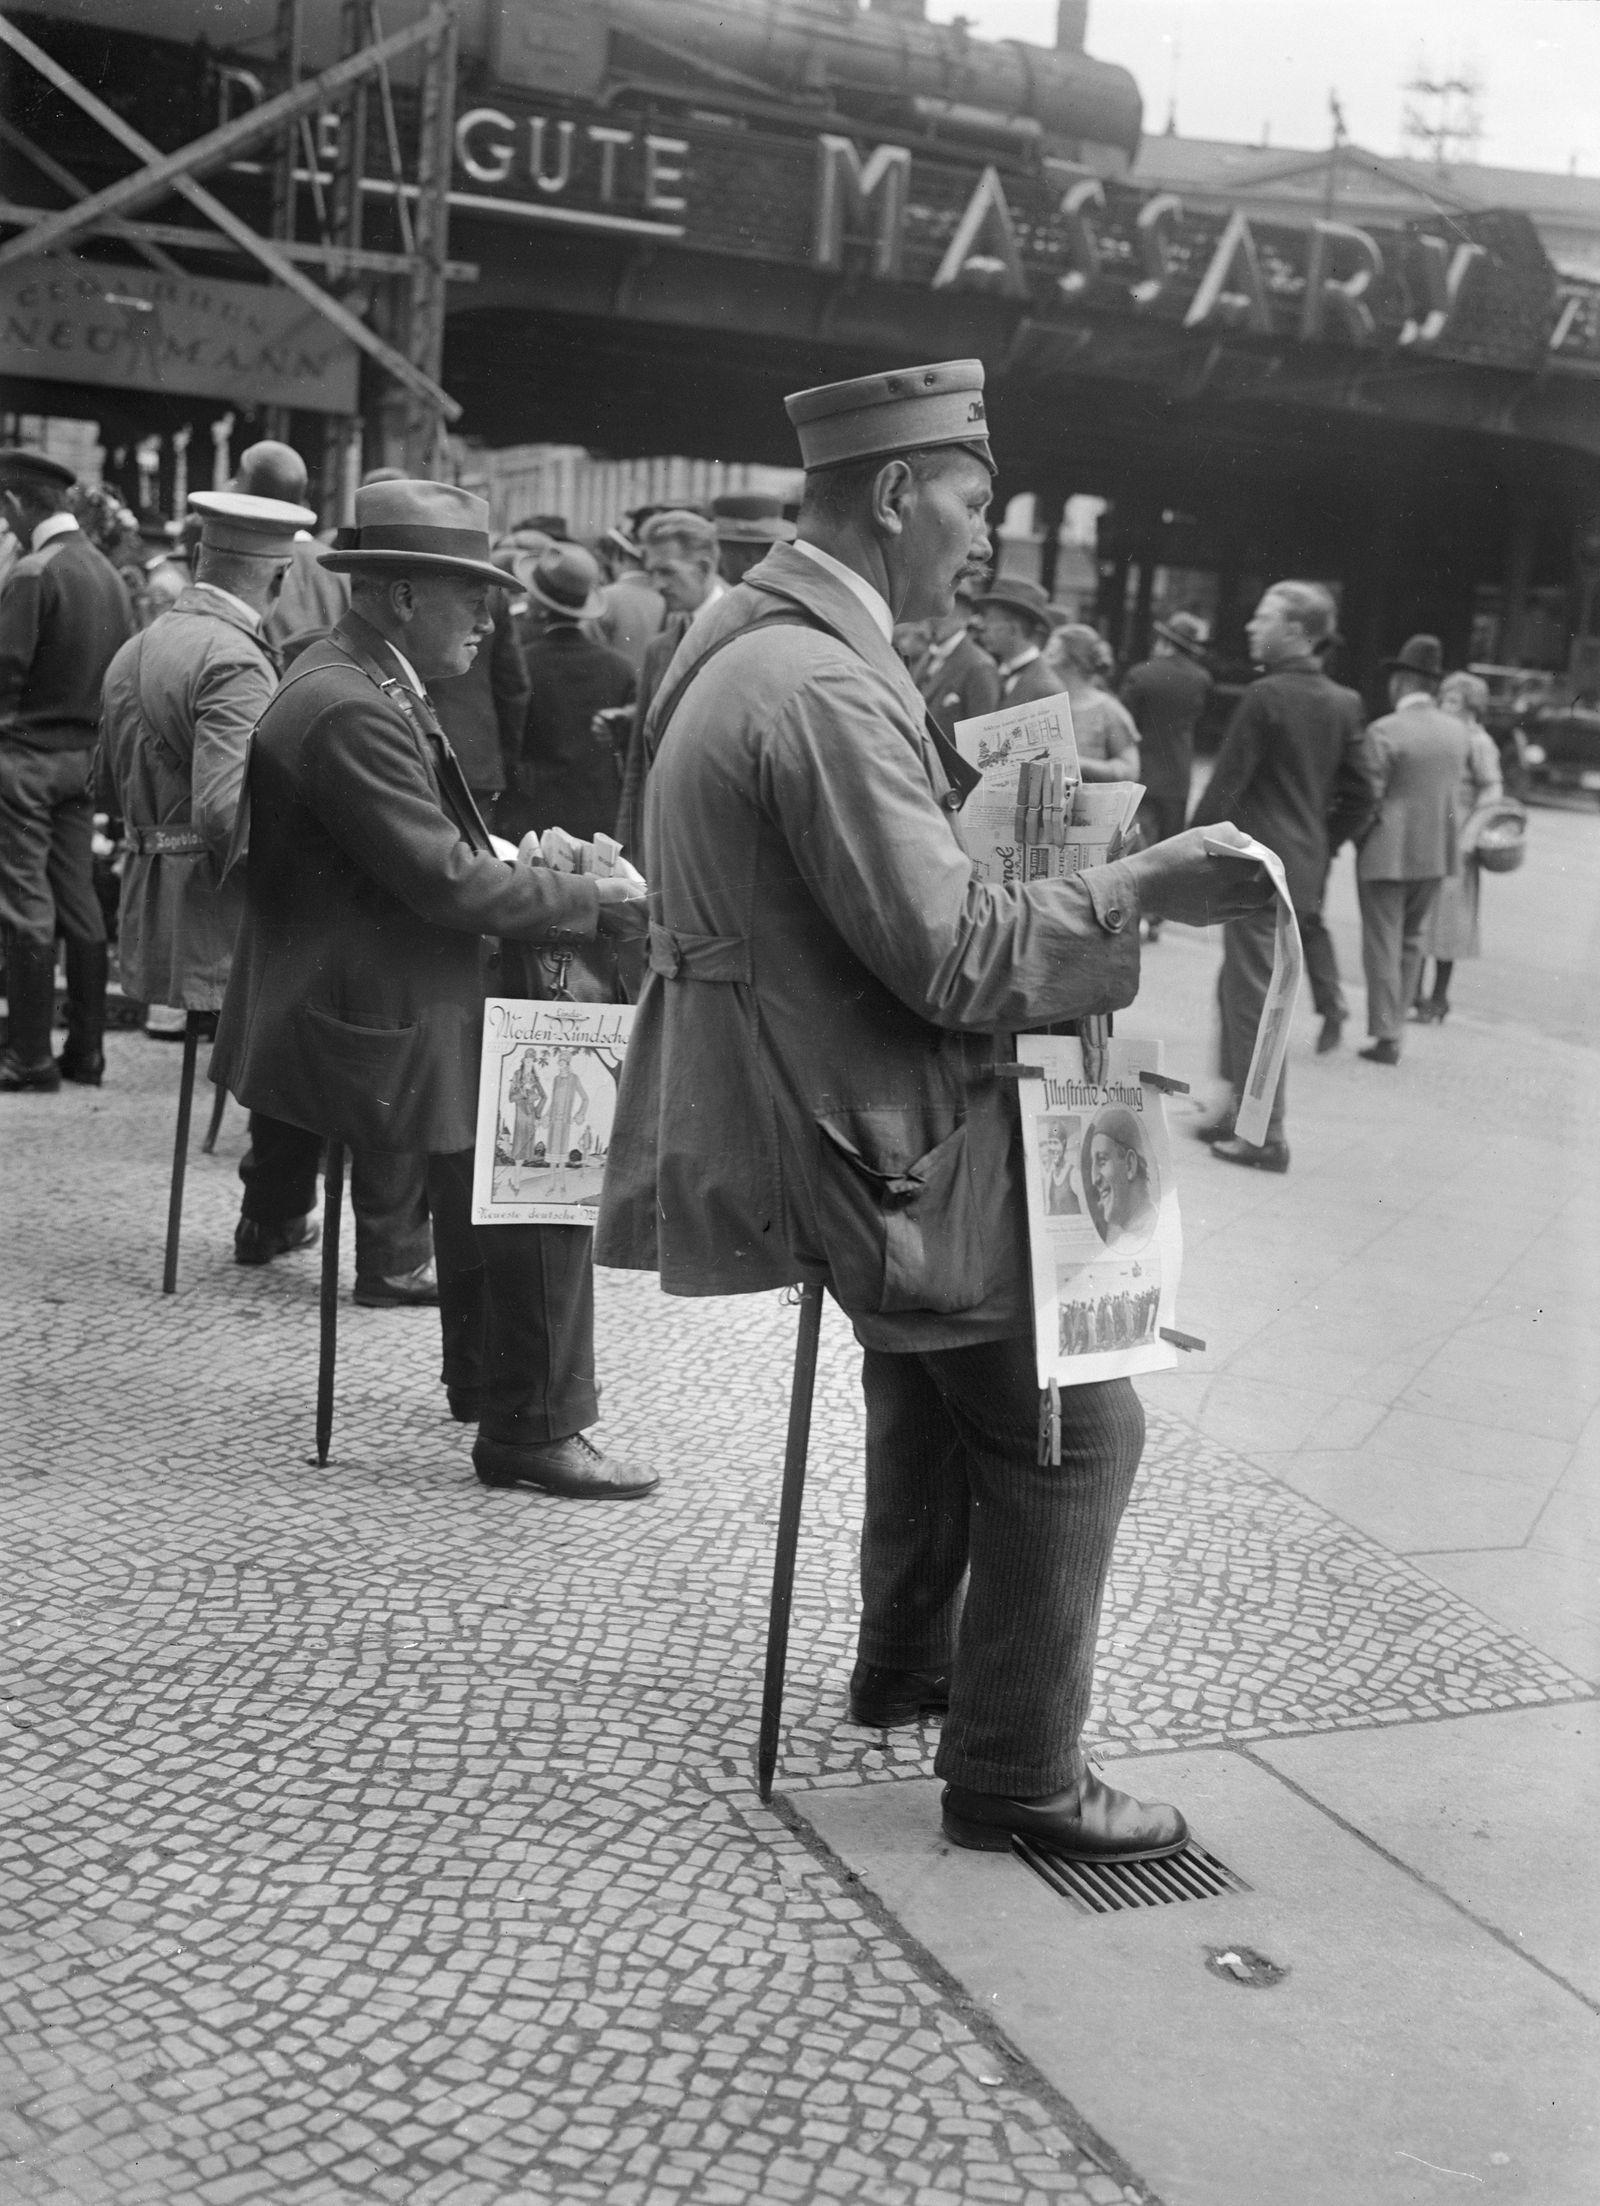 Zeitungsverkäufer auf Sitzstöcken am Bahnhof Alexanderplatz